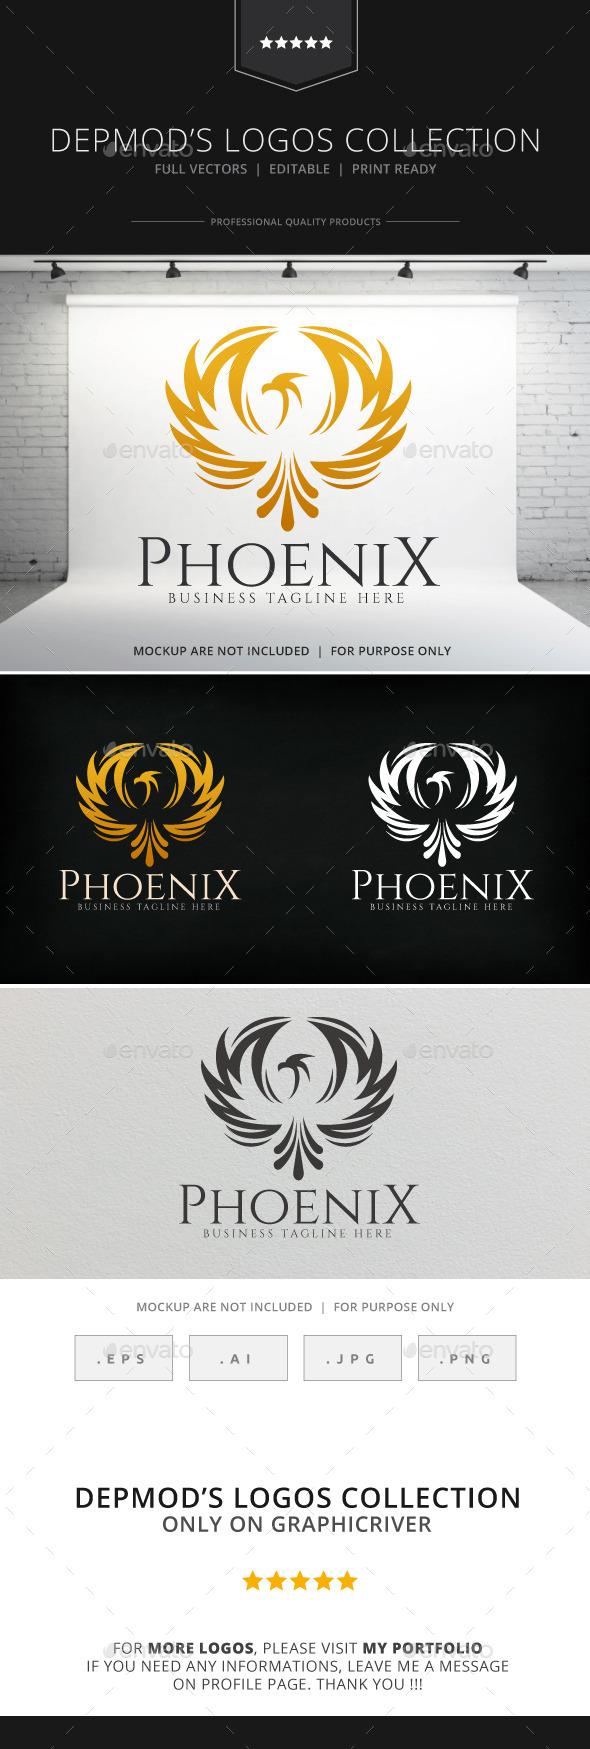 GraphicRiver Phoenix Logo 8930982